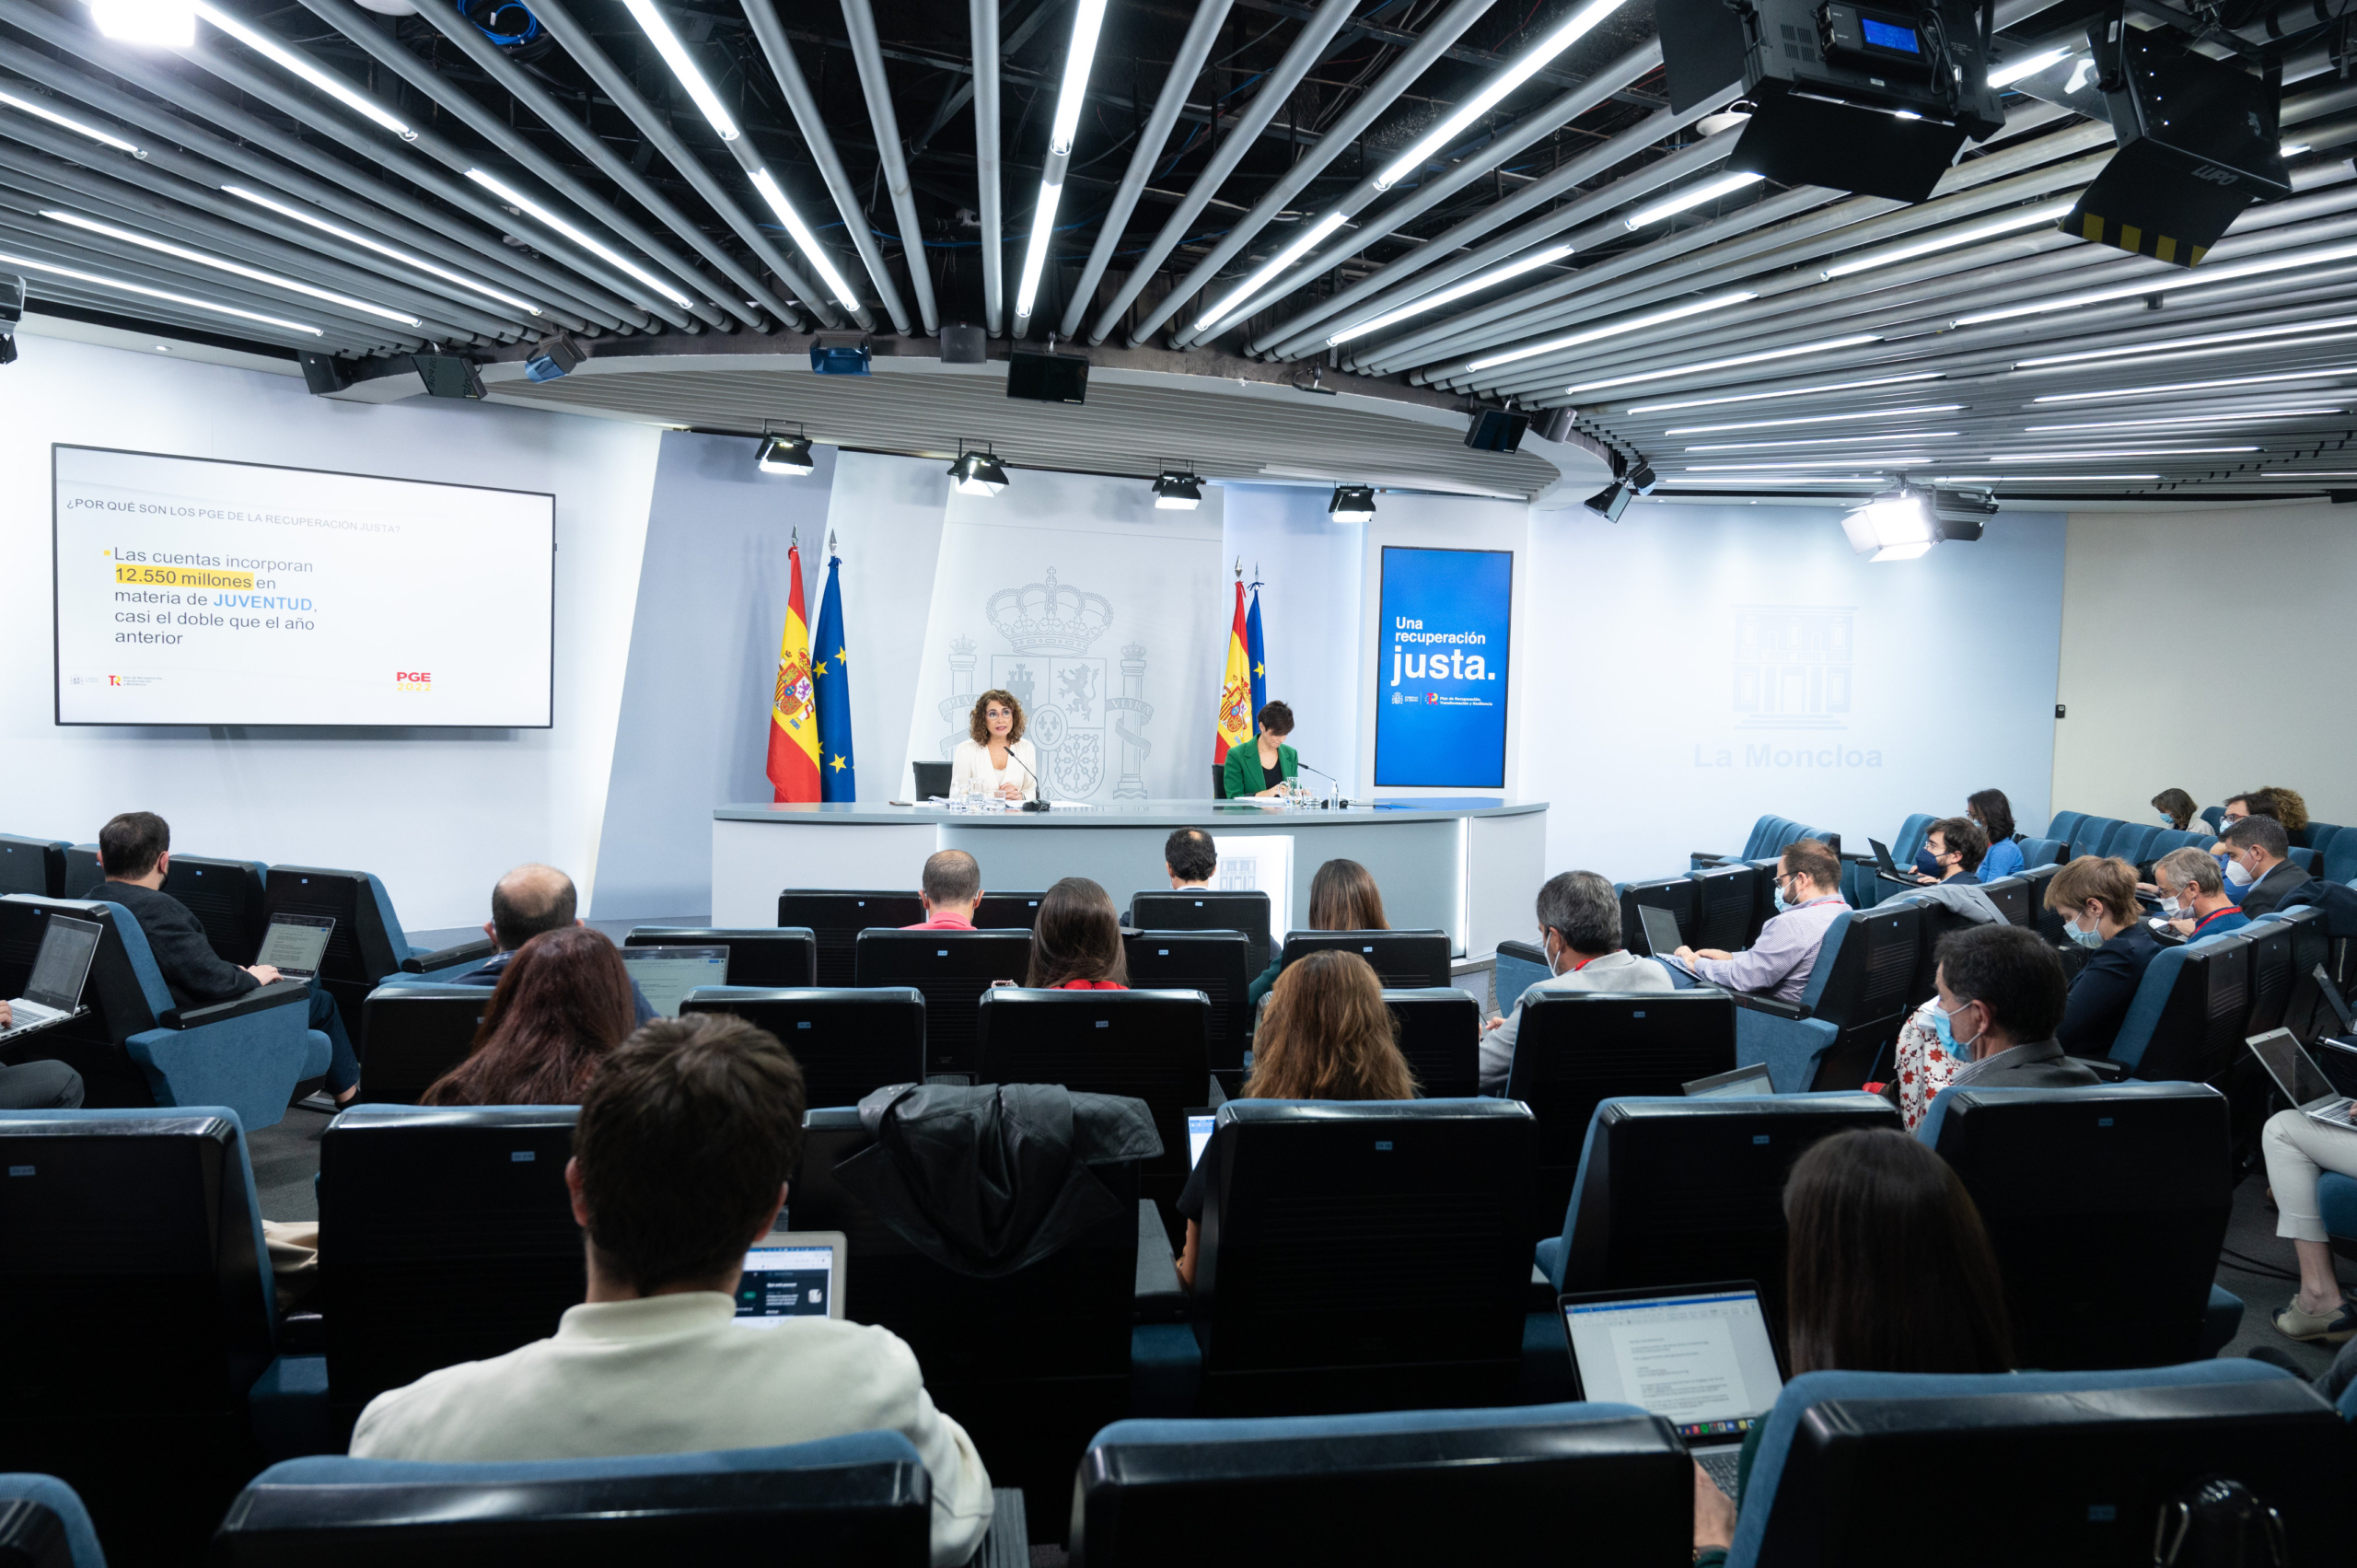 La ministra d'Hisenda, María Jesús Montero, i la portaveu del govern espanyol, Isabel Rodríguez, en roda de premsa a Moncloa | ACN